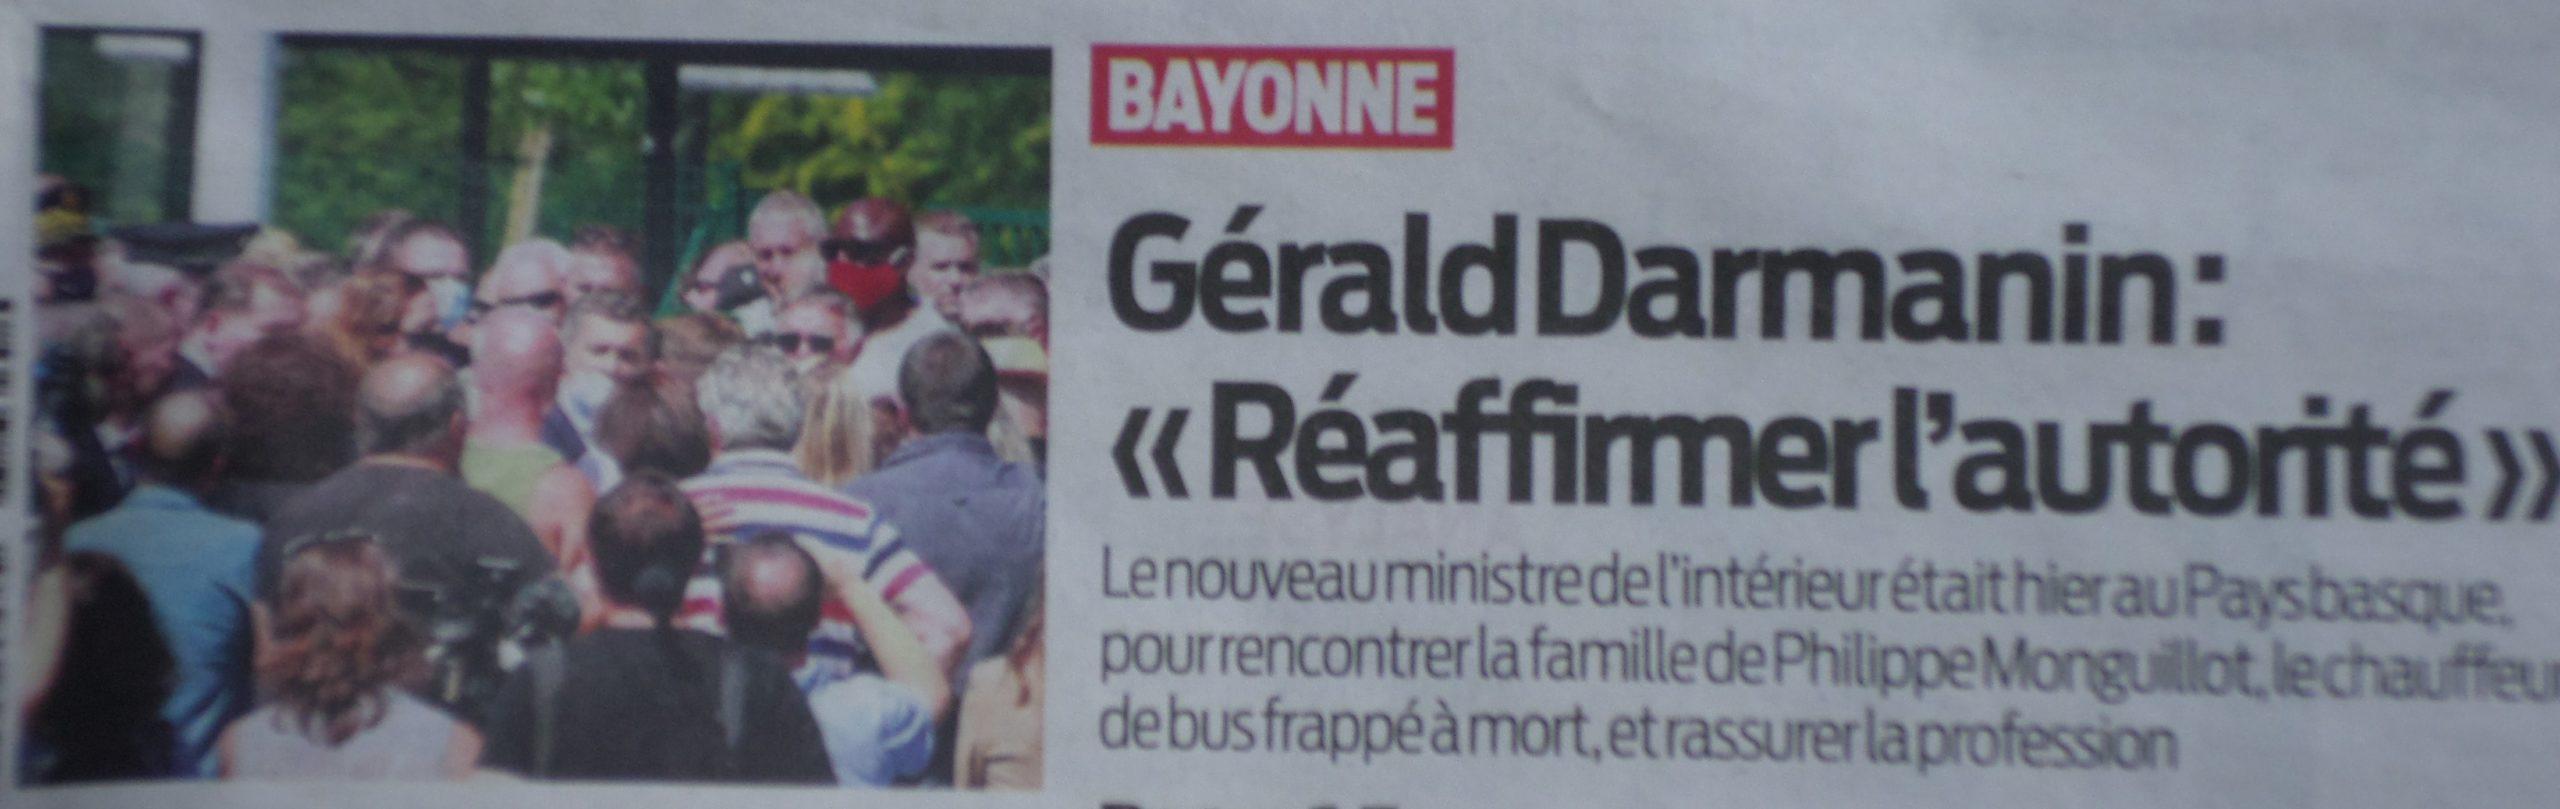 Darmanin à Bayonne ment délibérément à la famille de Philippe pour occulter la réalité